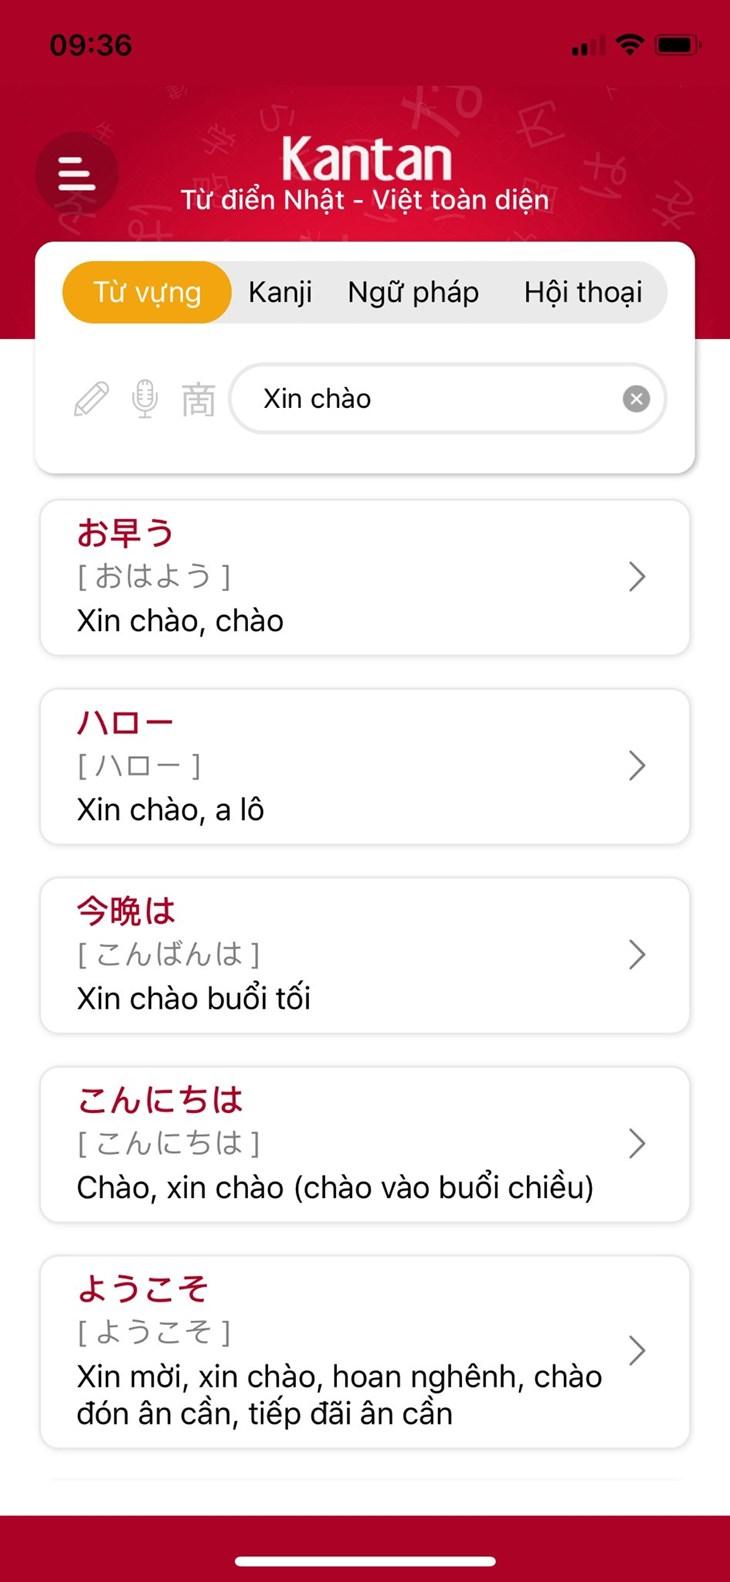 Từ điển Kantan - Song ngữ Việt Nhật hàng đầu Việt Nam - ảnh 1